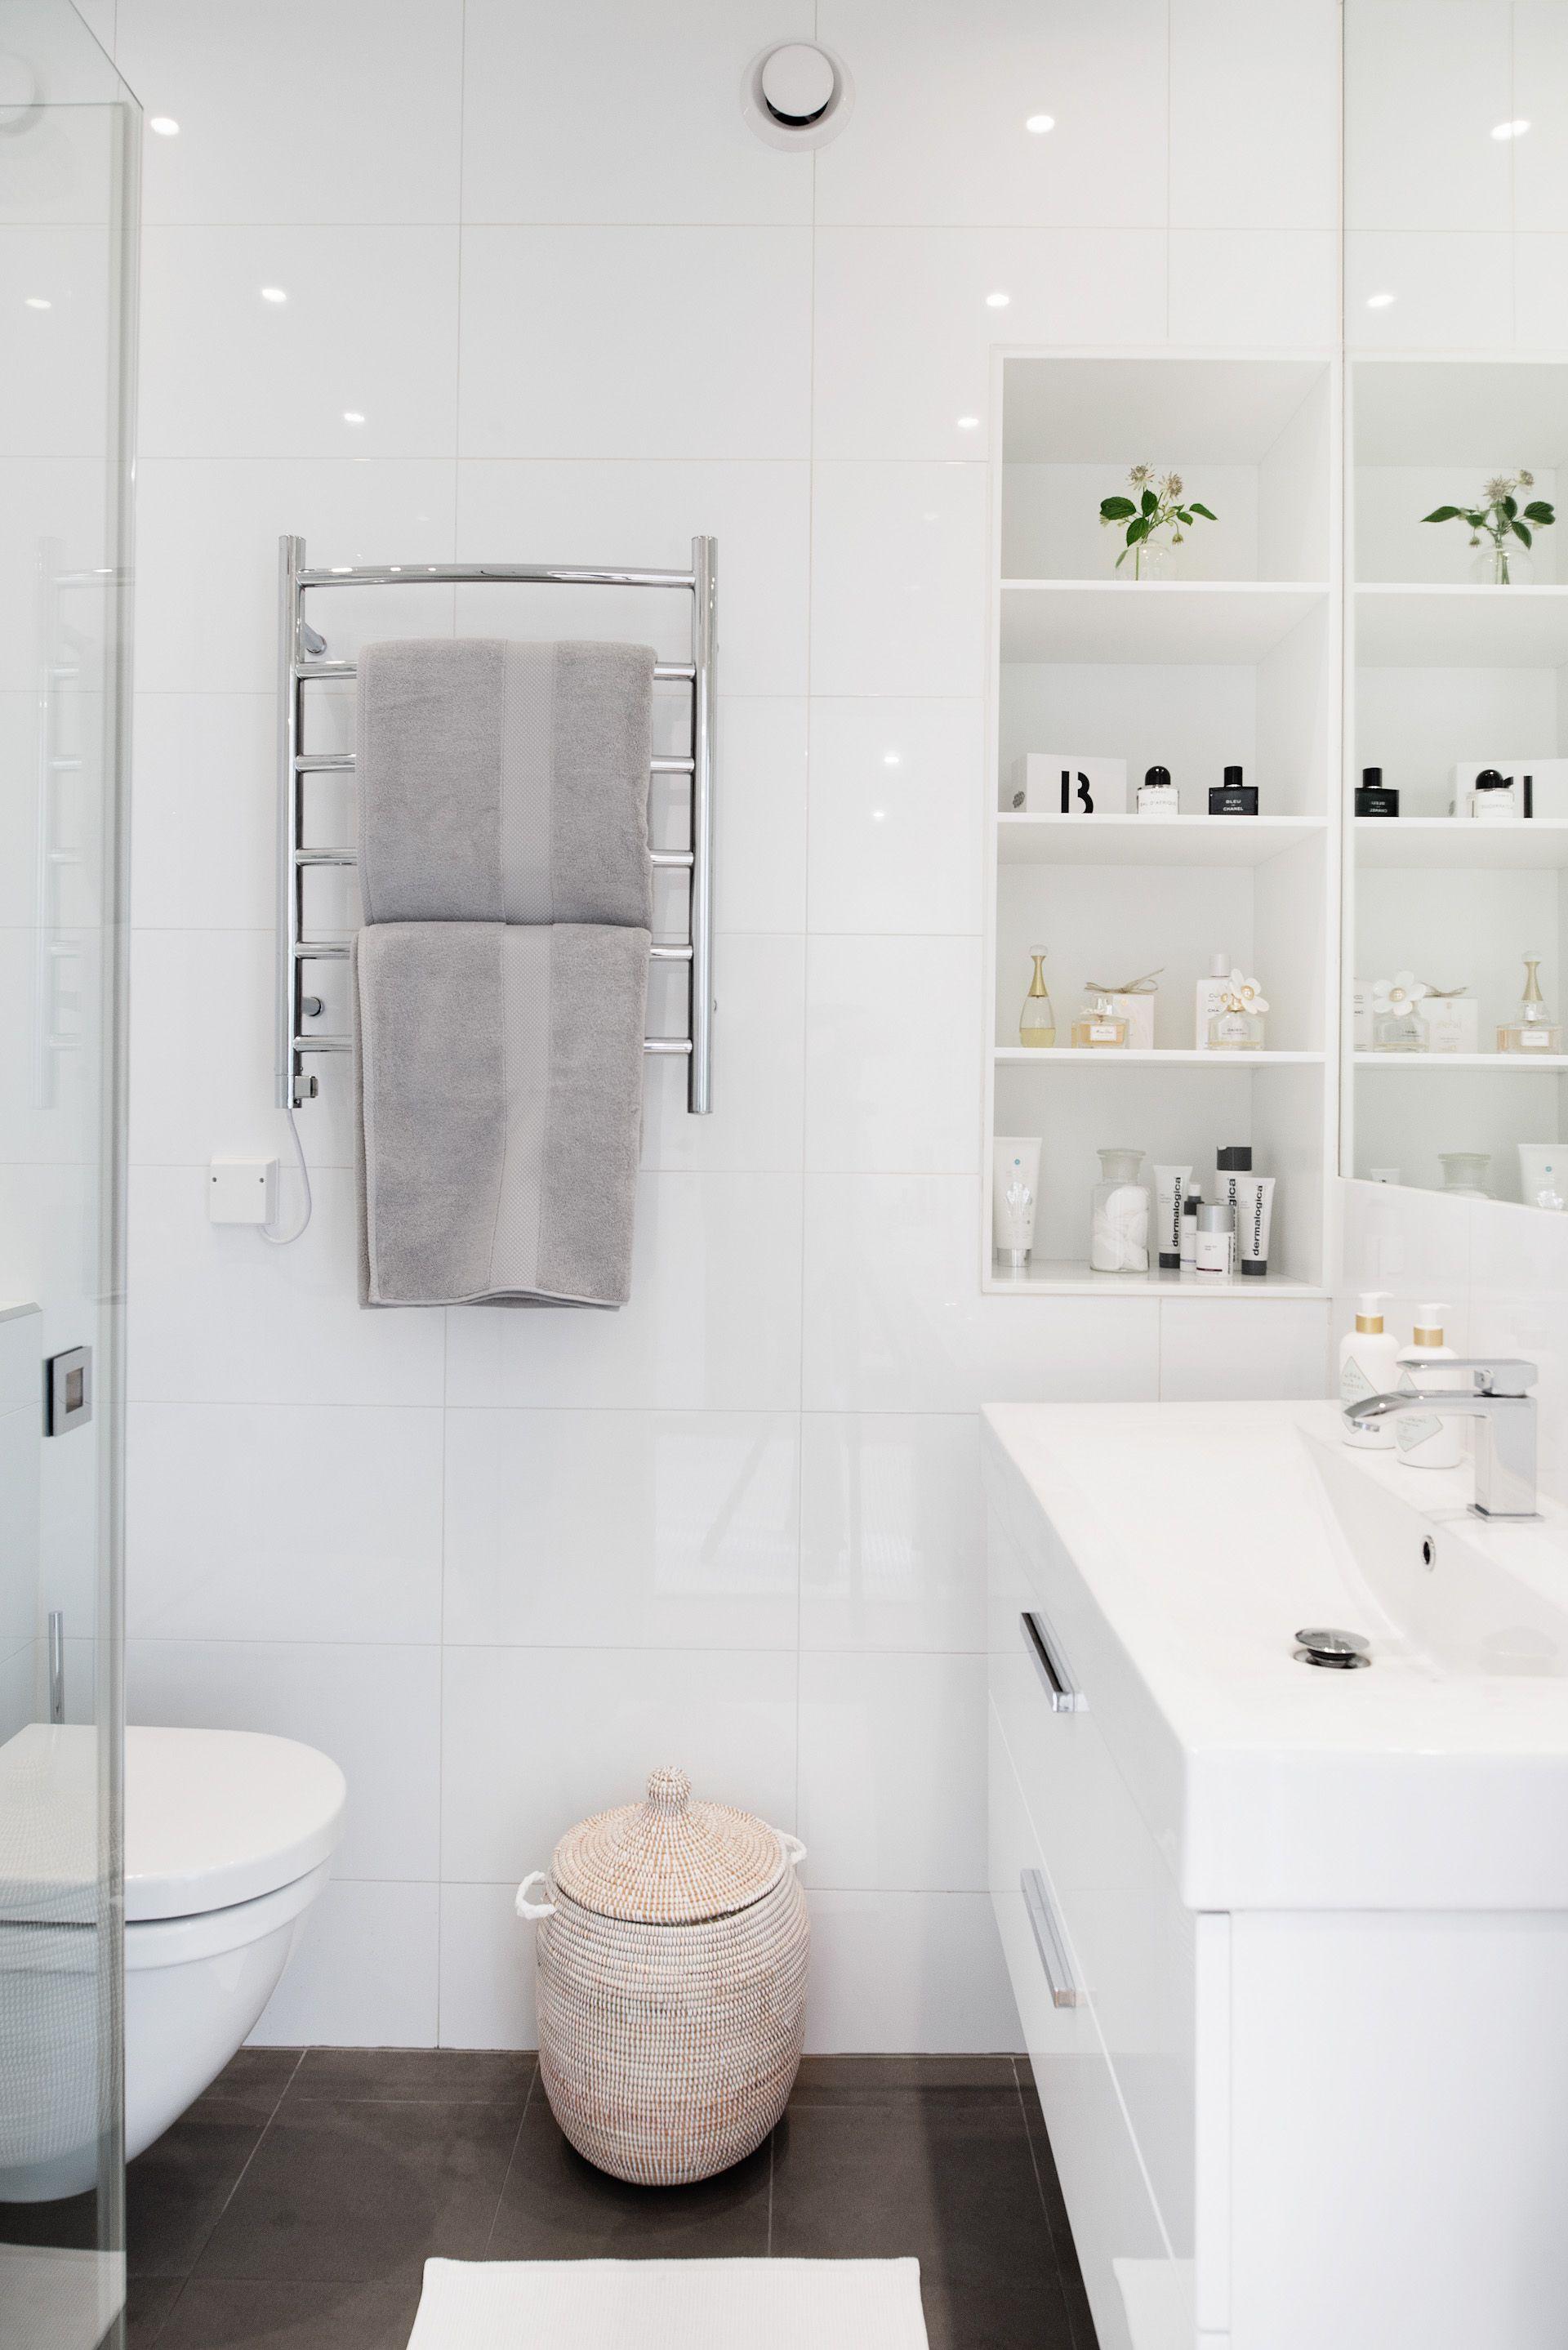 Bathroom. Eriksbergsgatan 34, 1 tr  Per Janssons fastighetsförmedling  Place ...